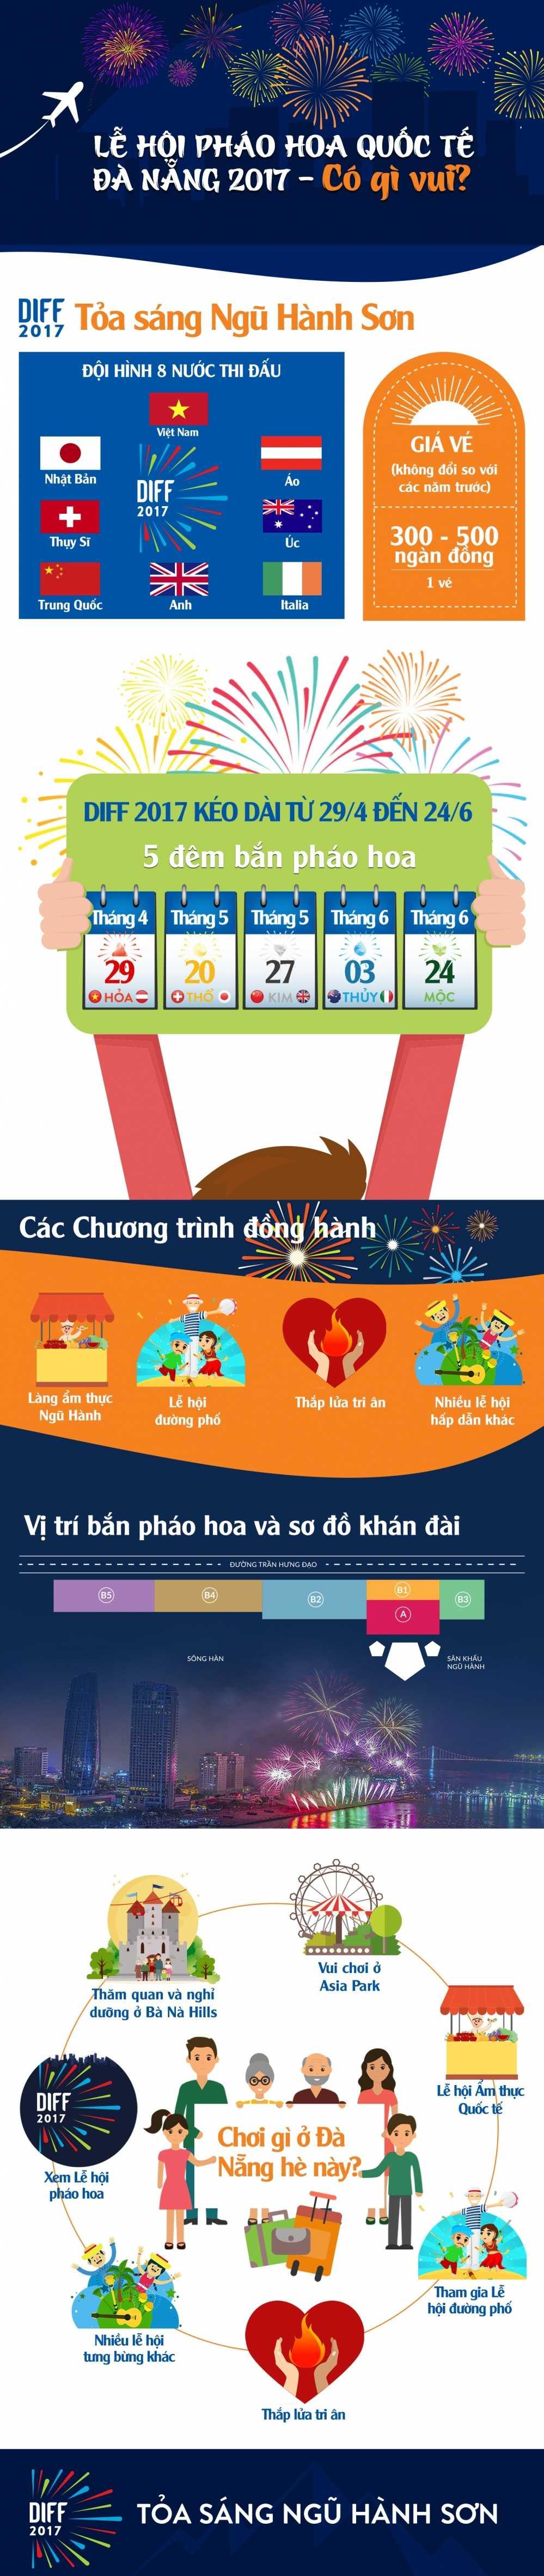 Nhung hap dan bat ngo tai Le hoi phao hoa quoc te Da Nang 2017 hinh anh 1